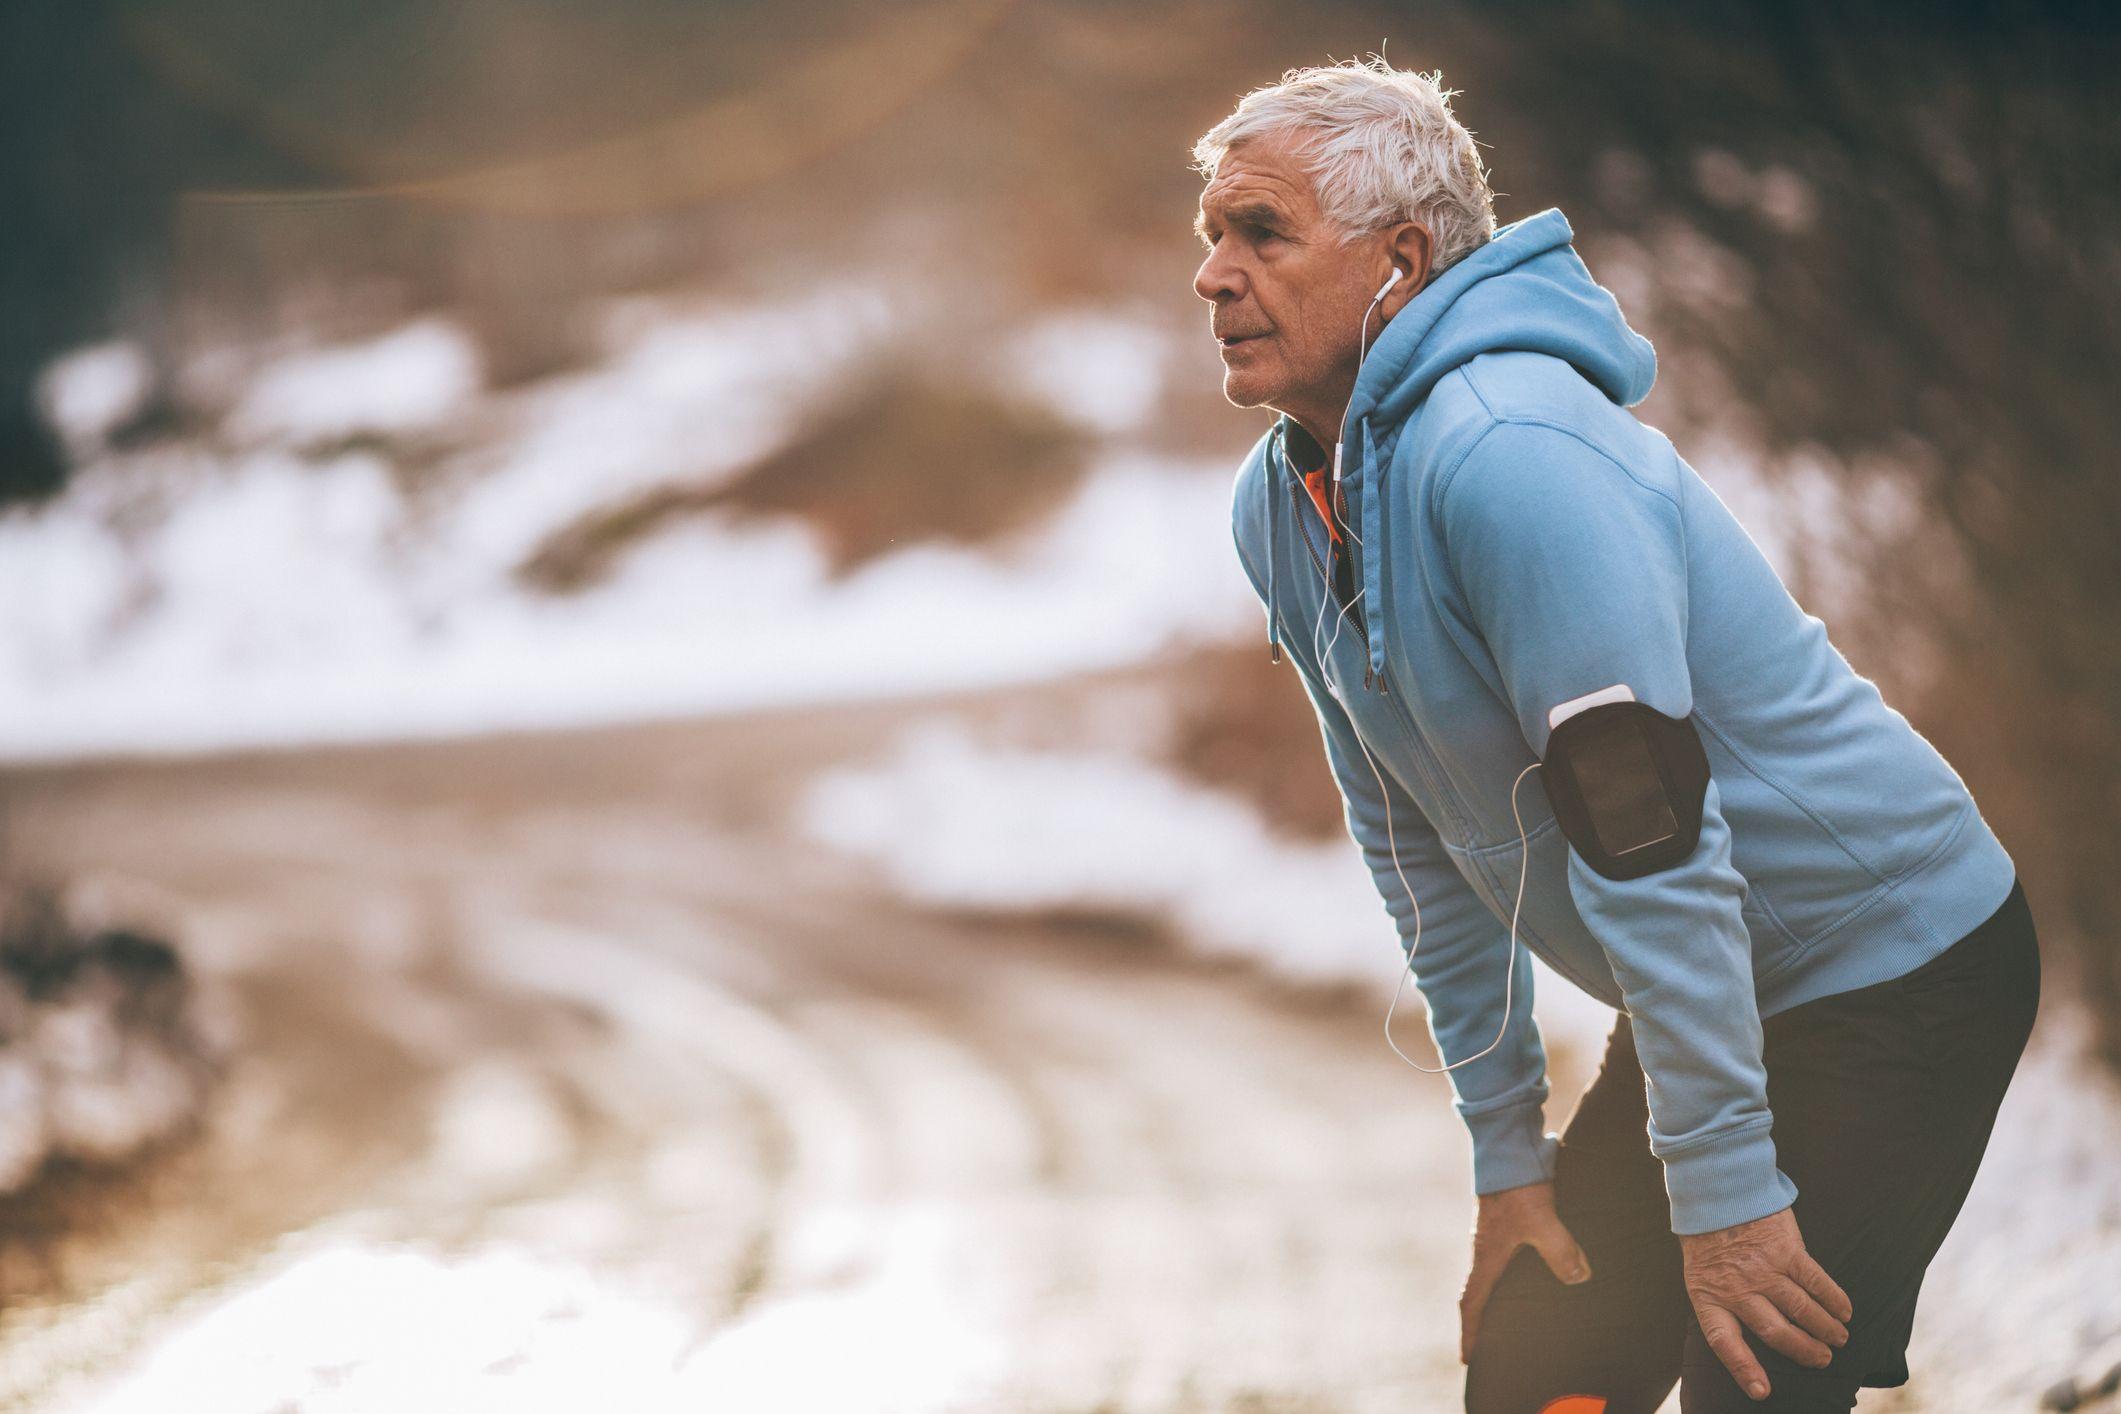 The Longevity Benefits of Lifelong Exercise